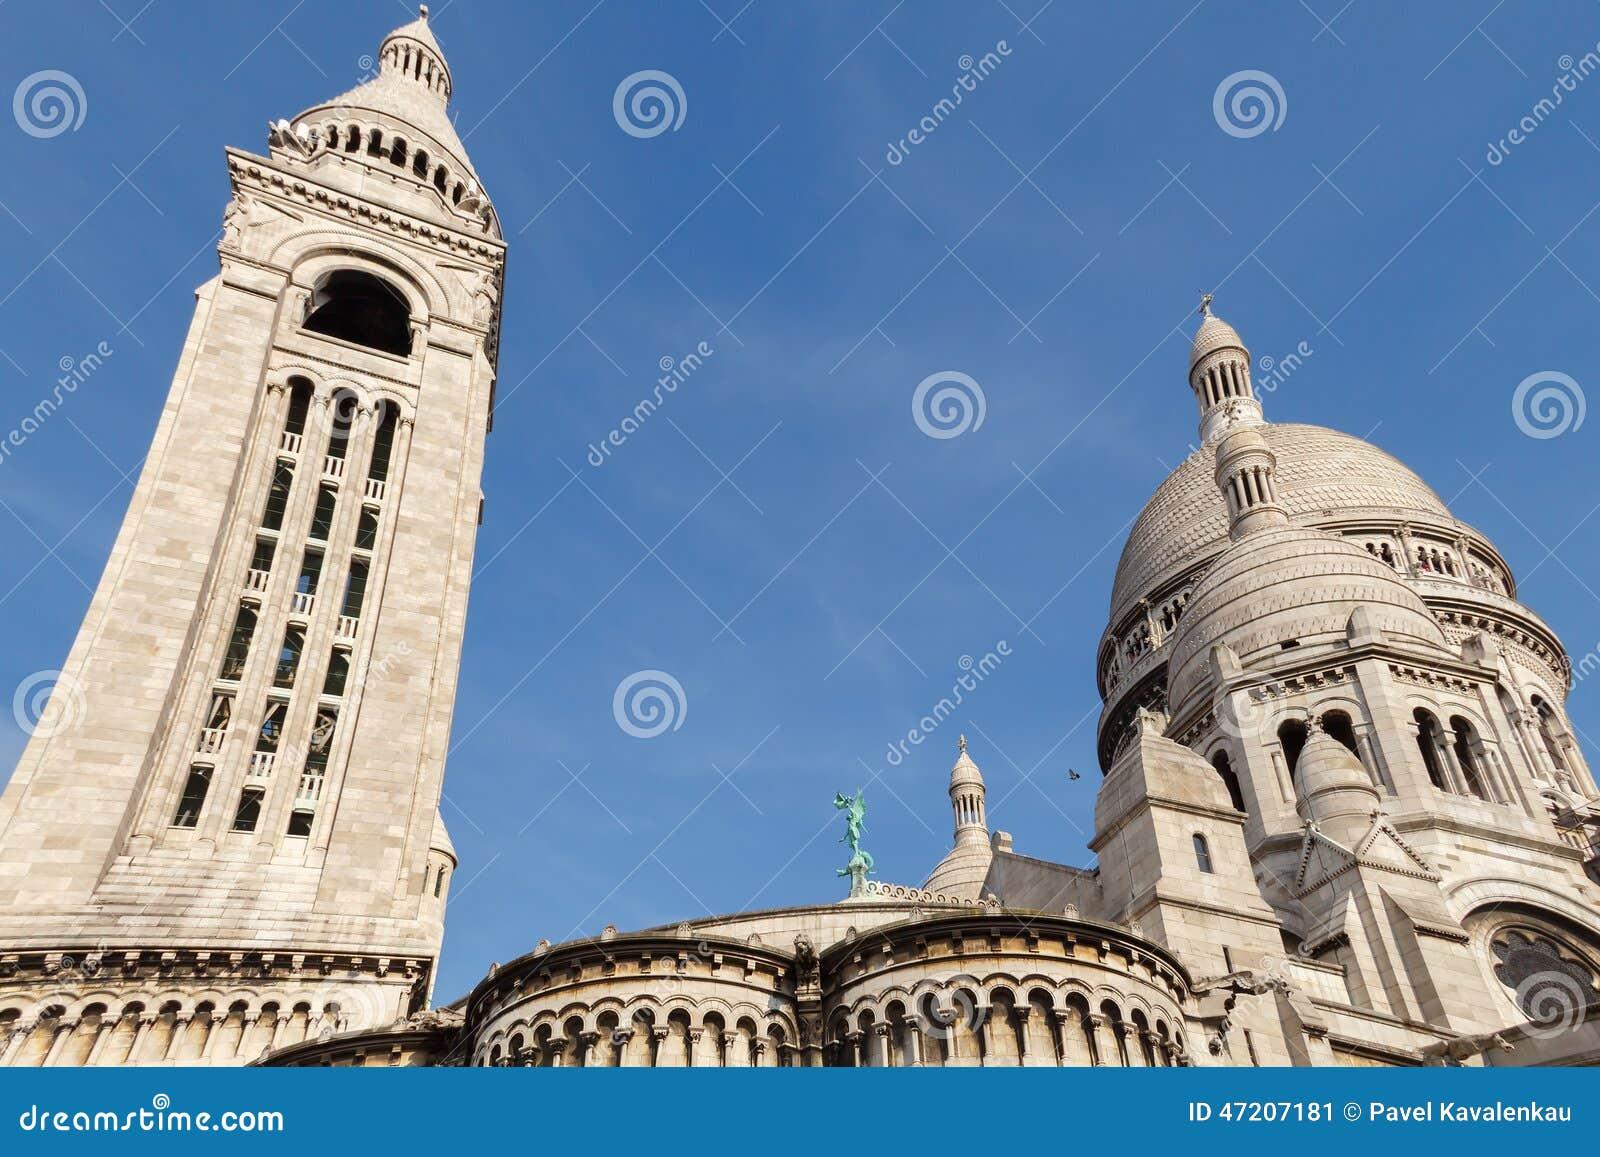 Sacre Coeur Montmartre Paris France Photo Editorial